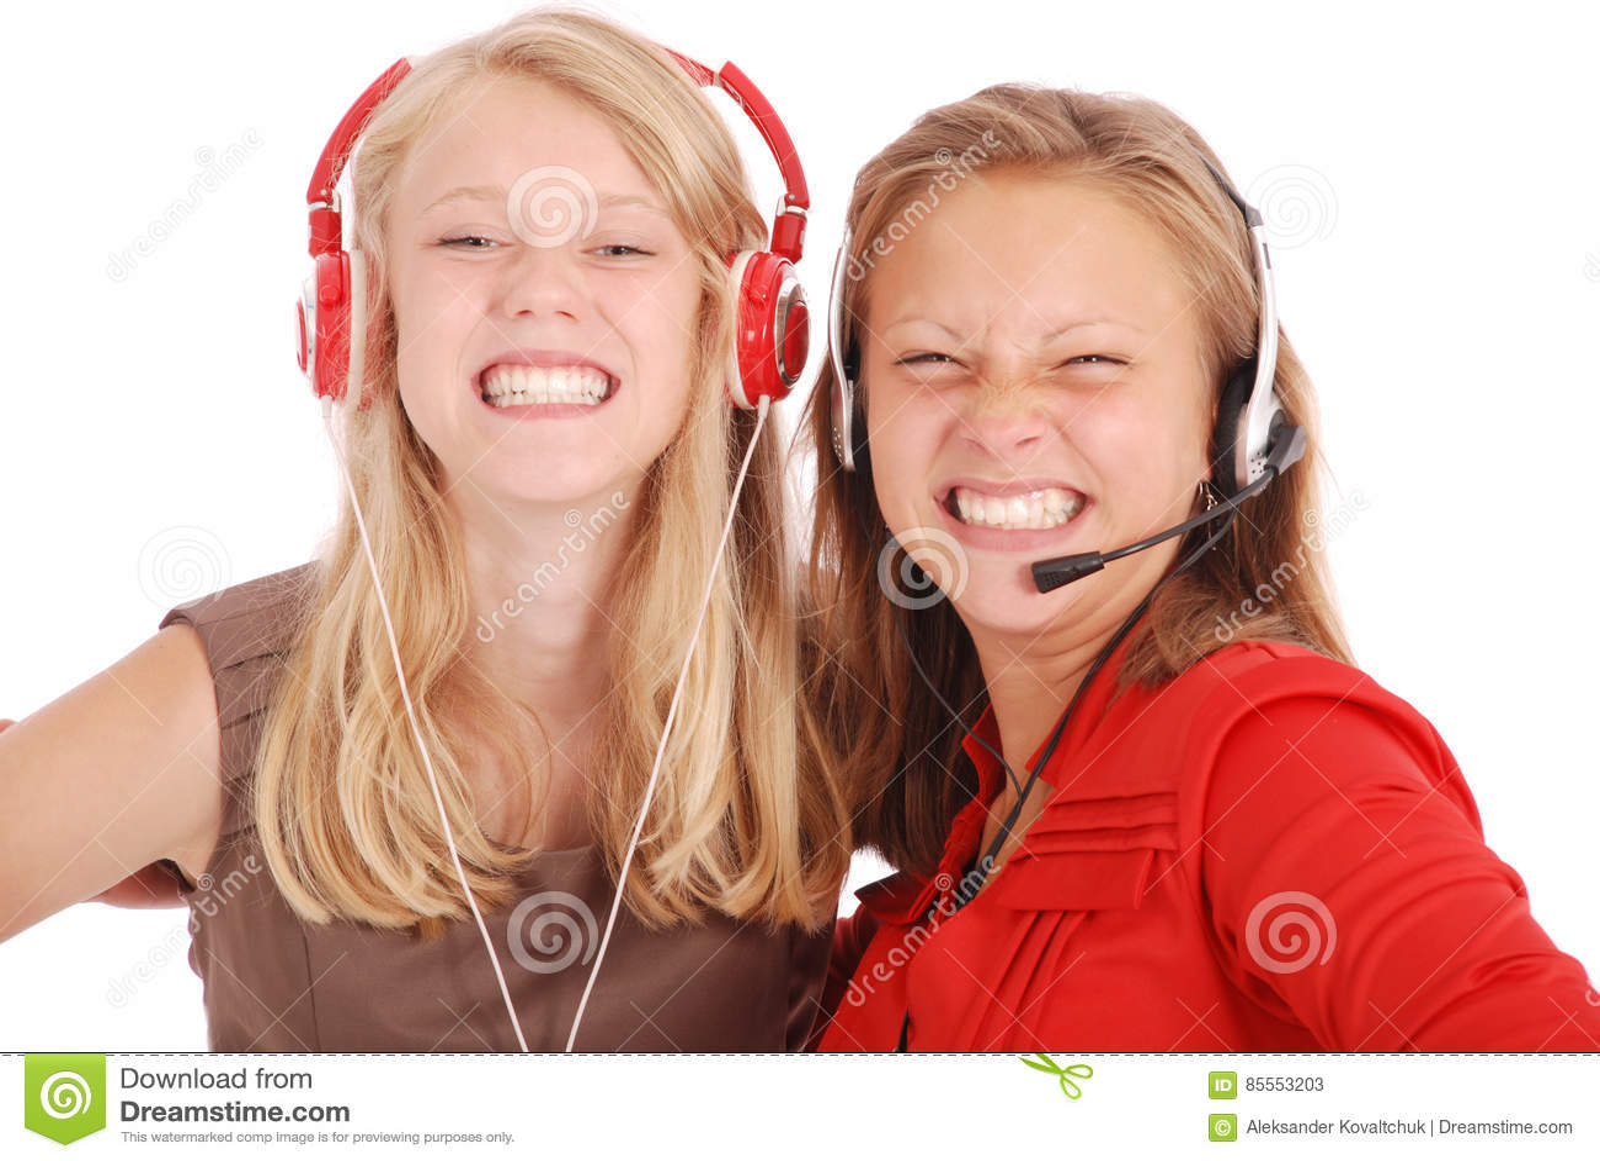 Hörende Musik von zwei hübschen Jugendlichen auf ihren Kopfhörern